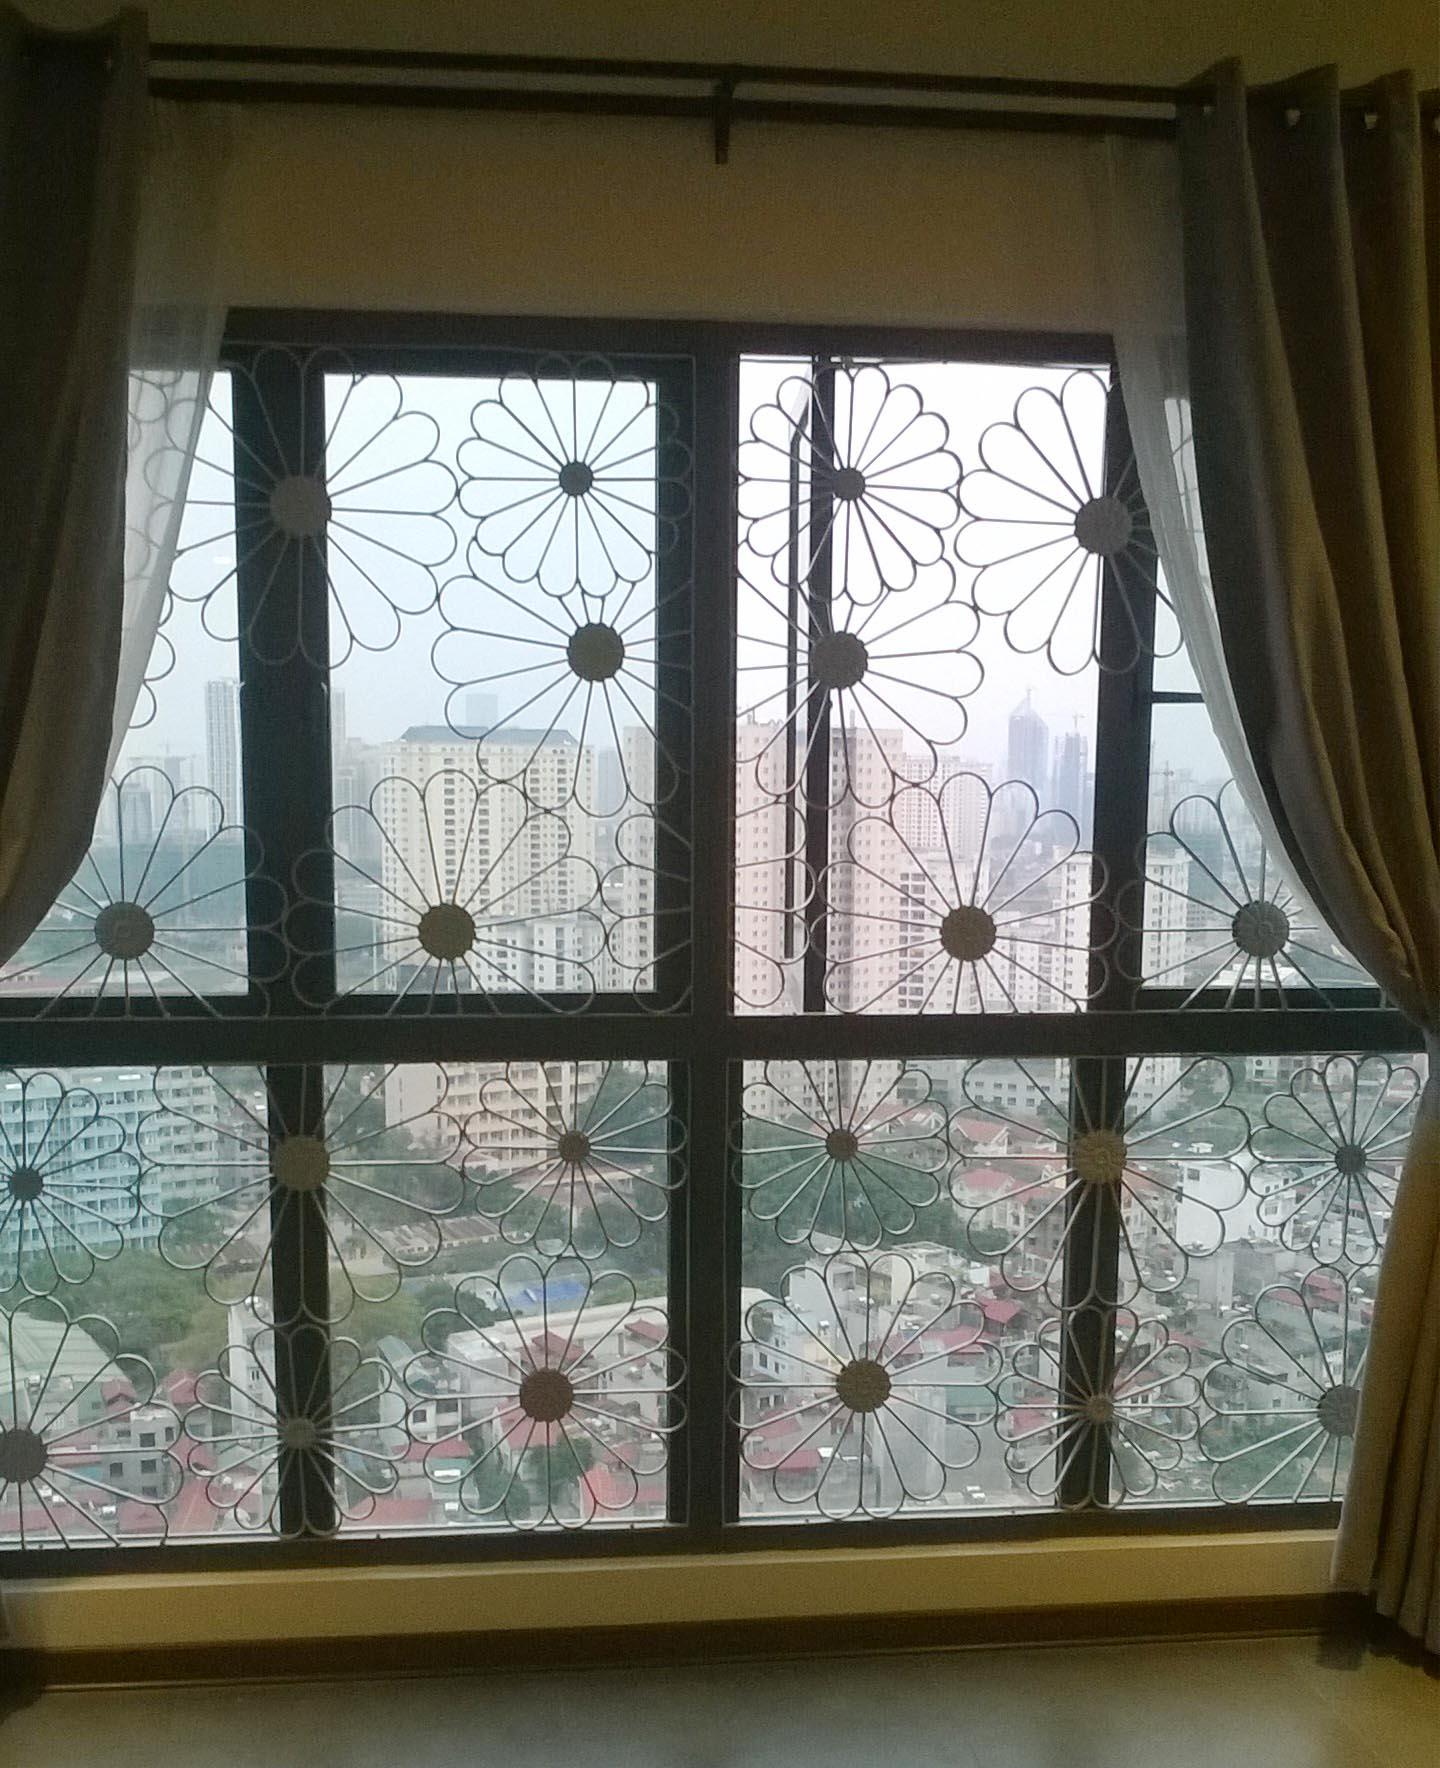 2 Cửa sổ sắt, cửa sổ đẹp, cửa đi sắt